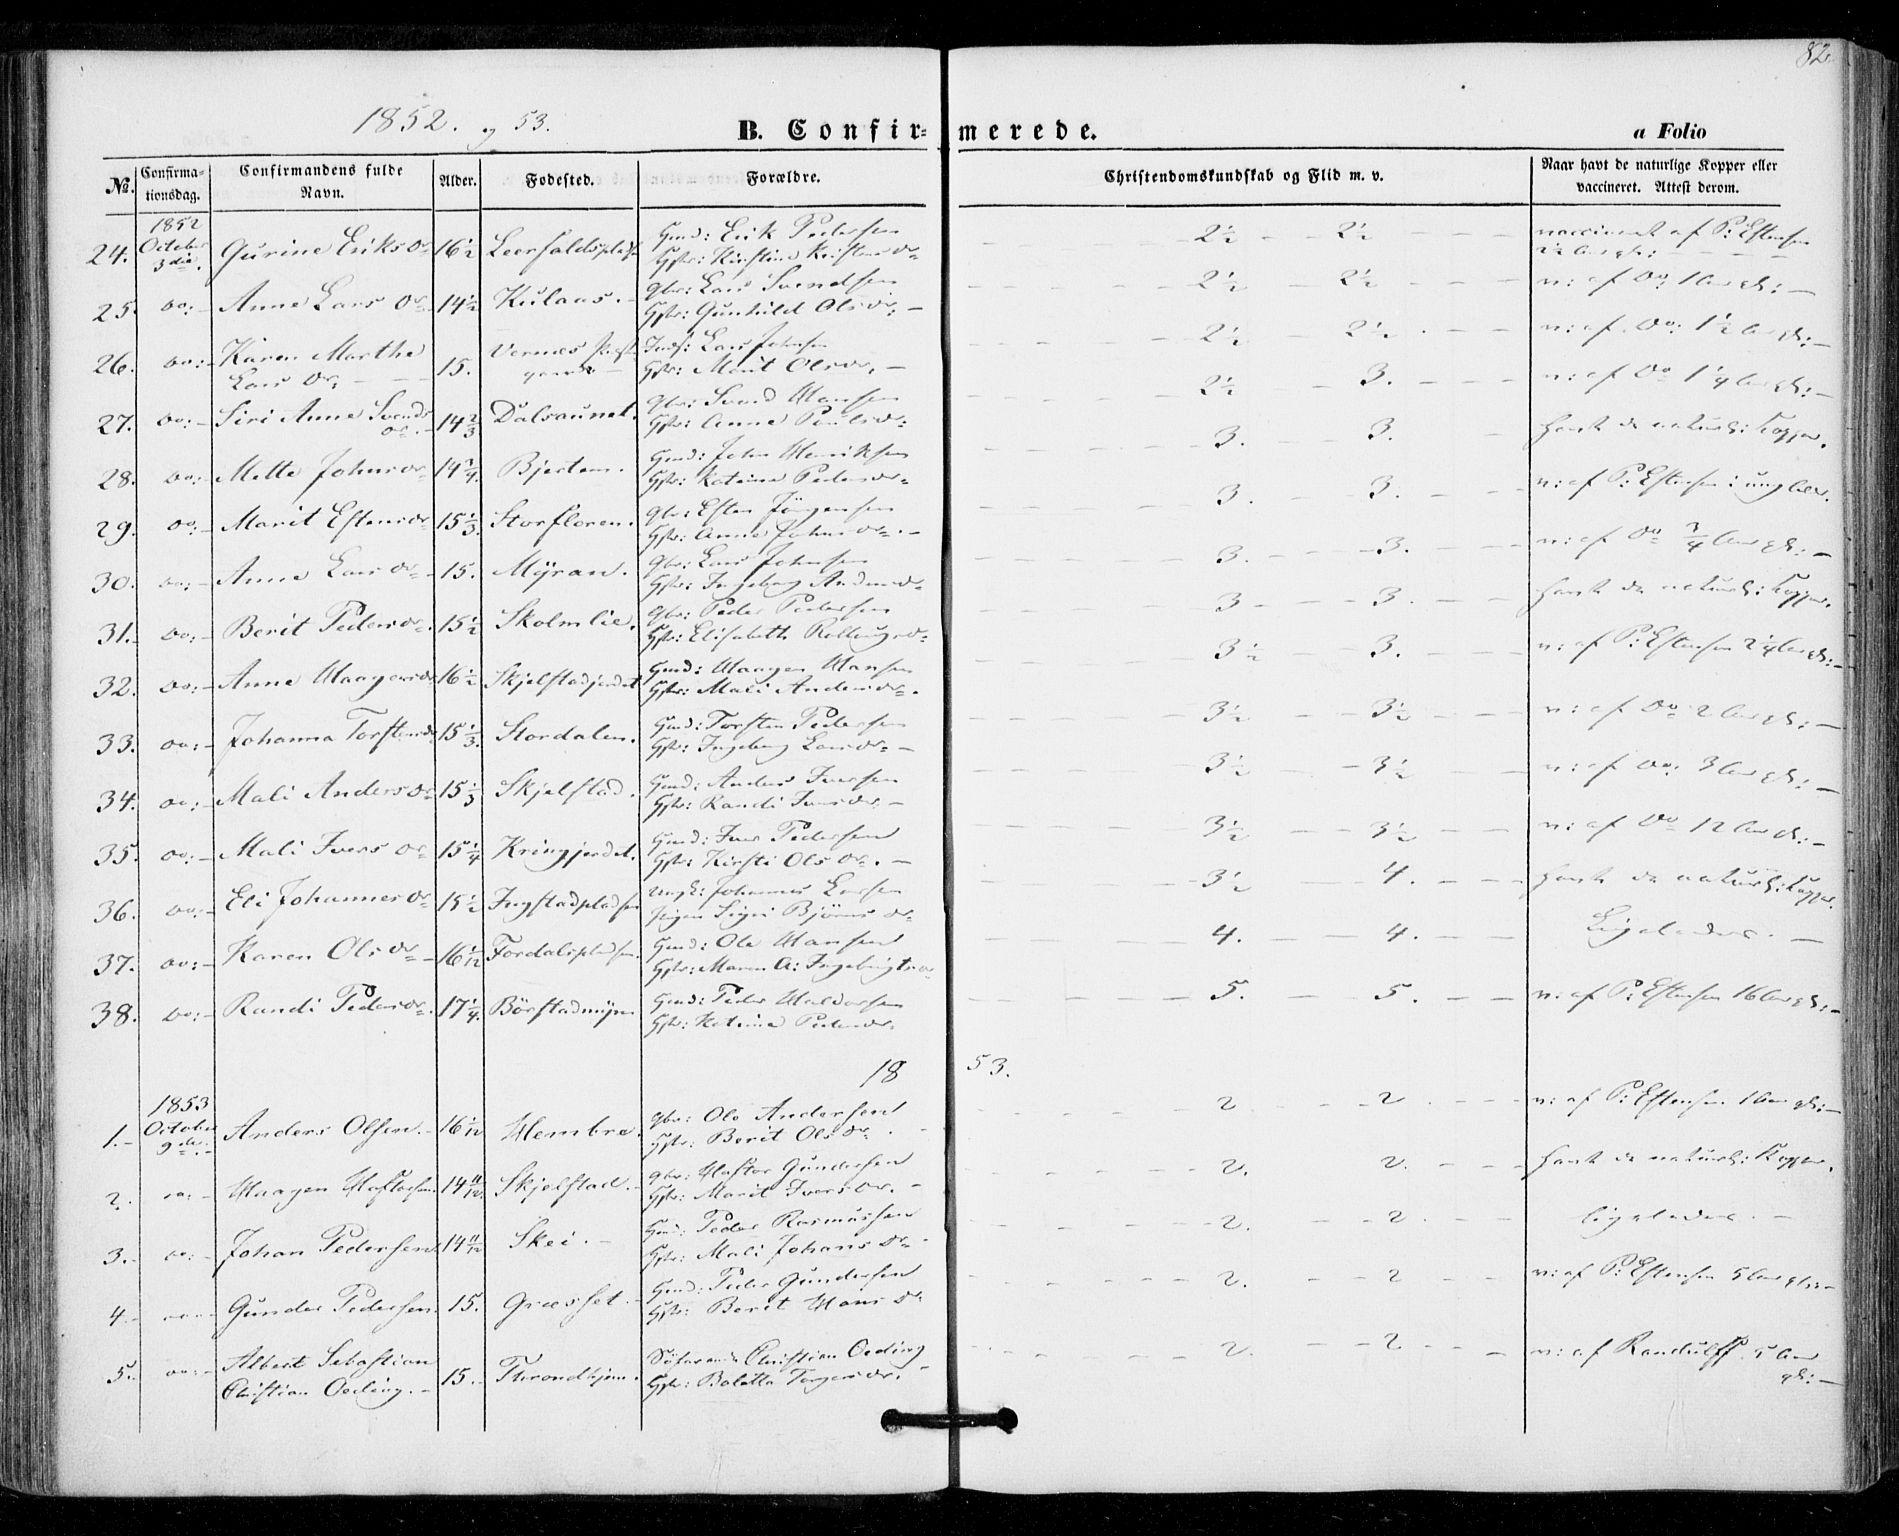 SAT, Ministerialprotokoller, klokkerbøker og fødselsregistre - Nord-Trøndelag, 703/L0028: Ministerialbok nr. 703A01, 1850-1862, s. 82